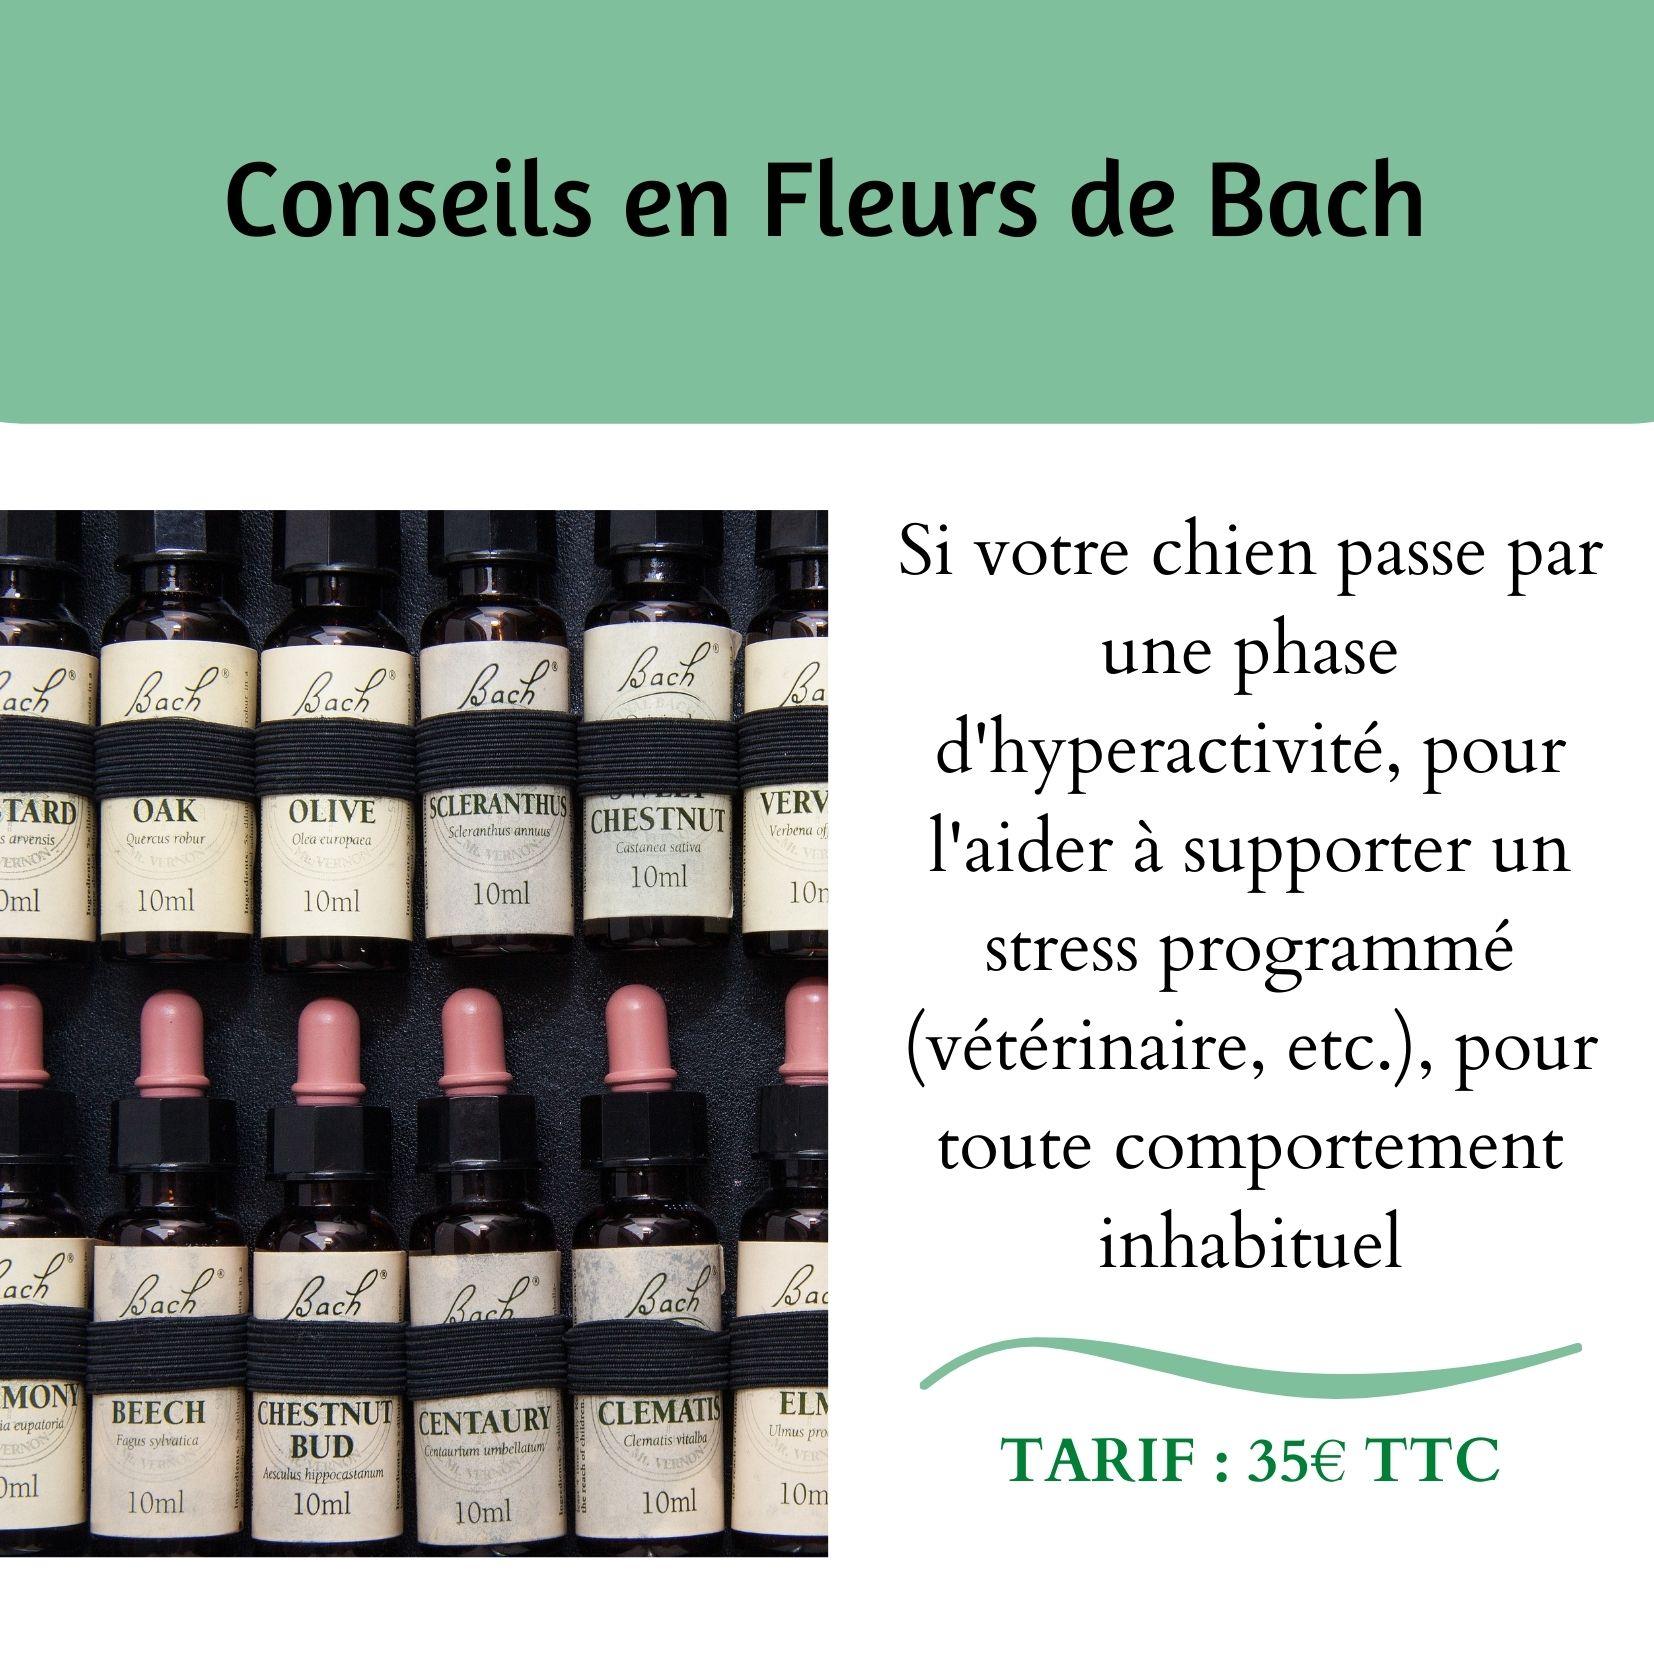 Conseils Fleurs de Bach - Chiens